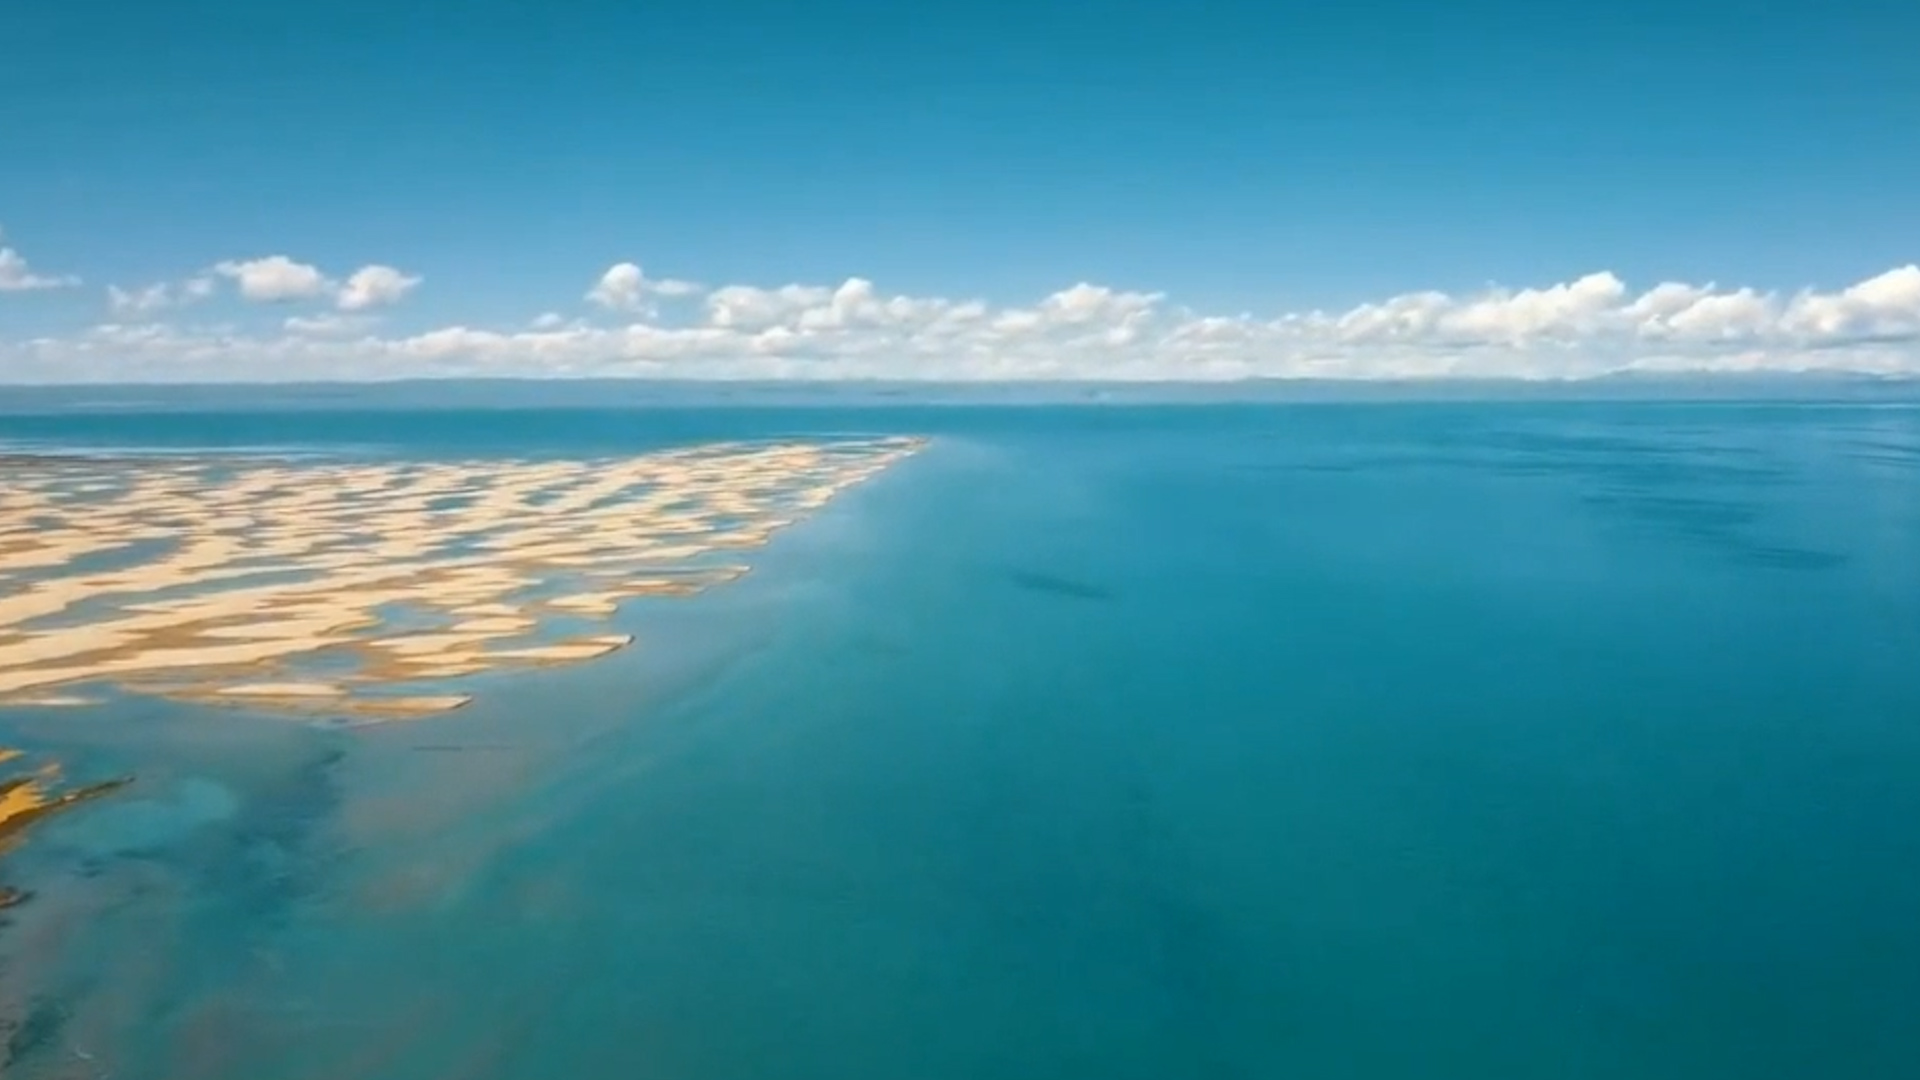 想不想来一场惬意之旅呢?那就来青海湖实现你的愿望吧!